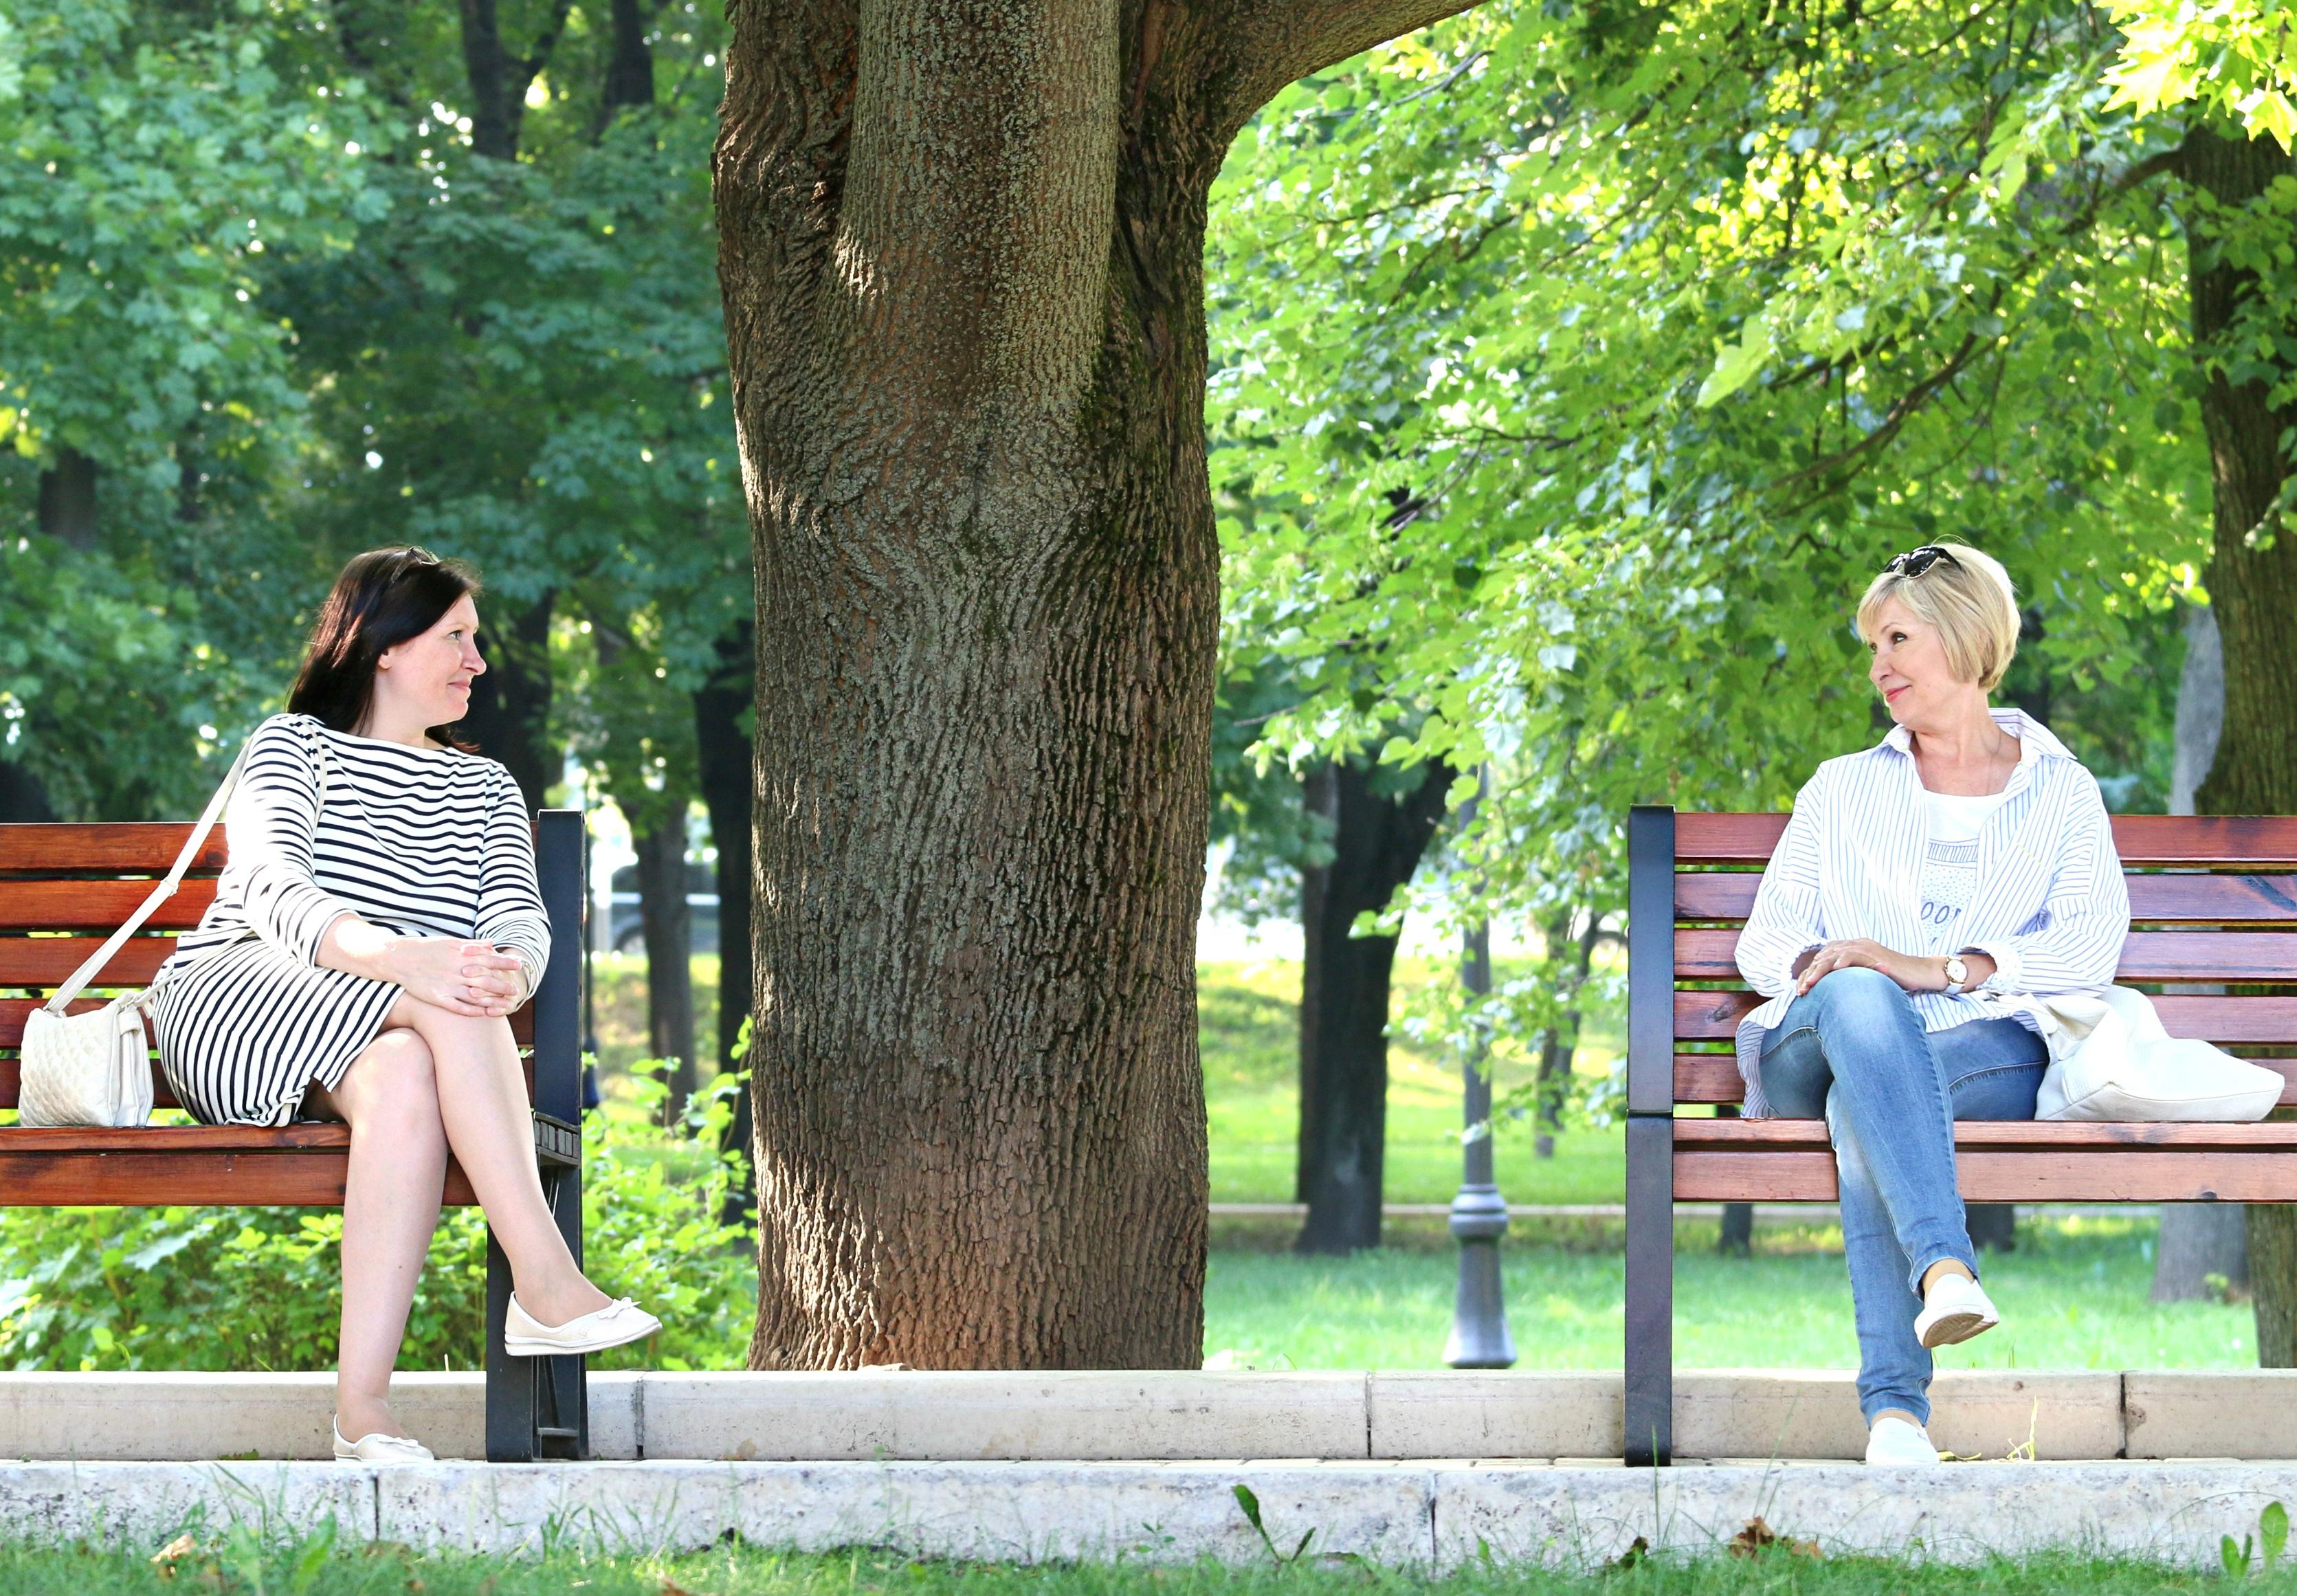 Картинки людей в парке